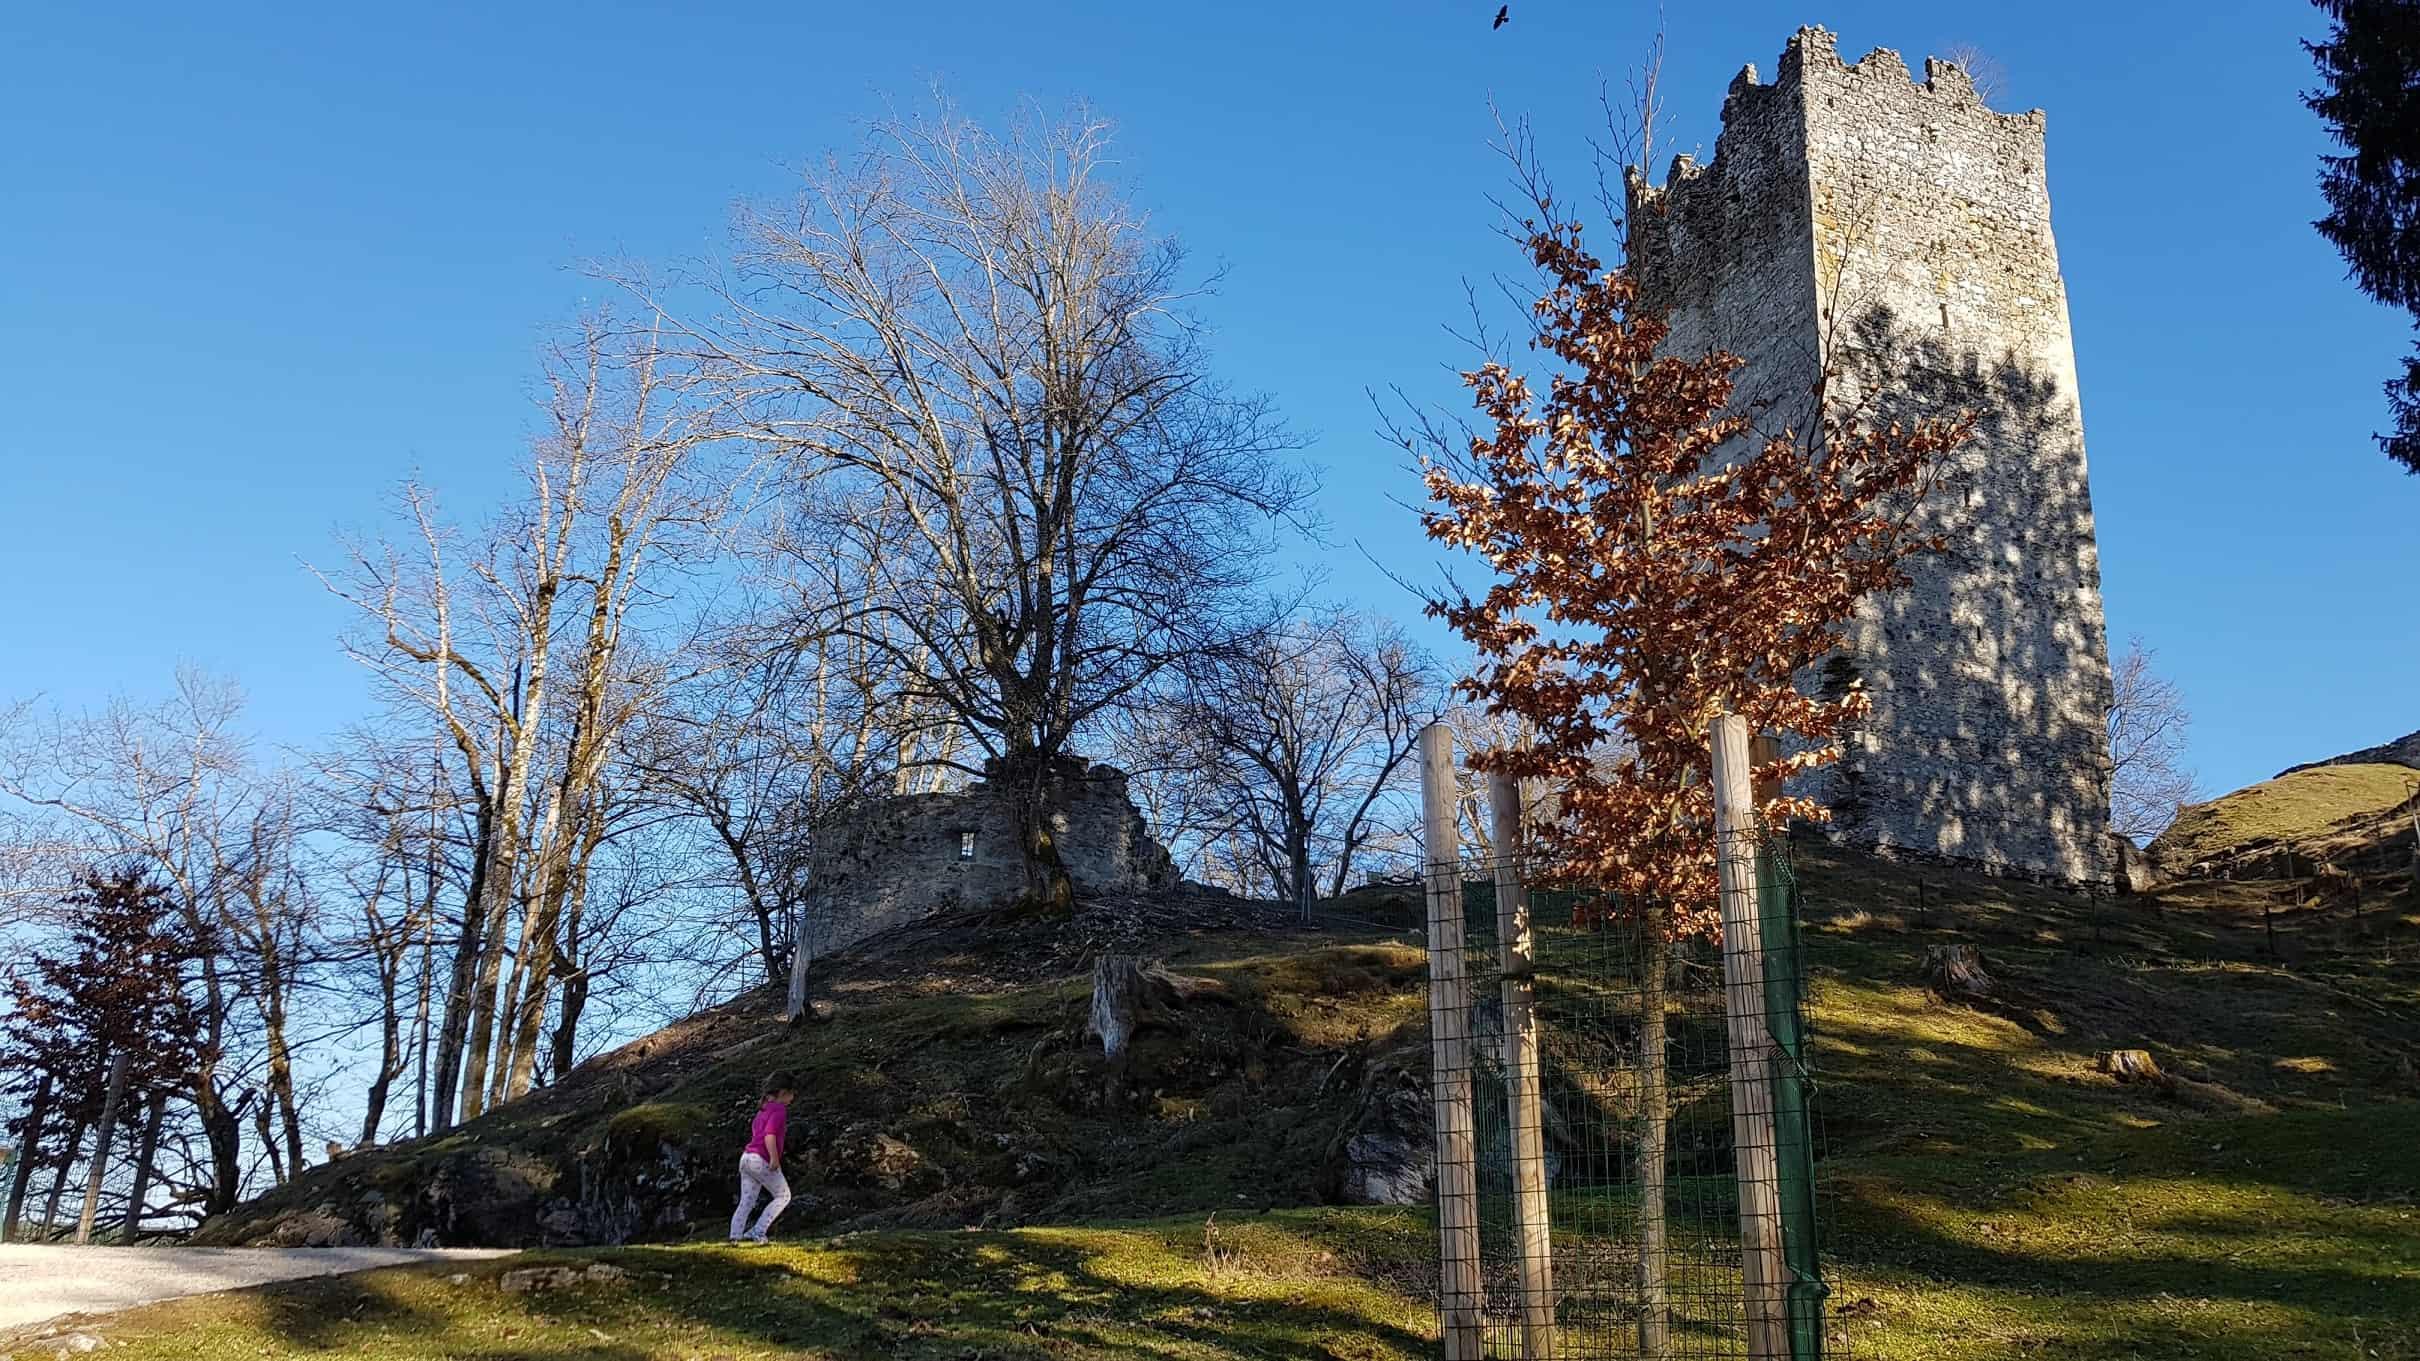 Burghügel rund um Ruine